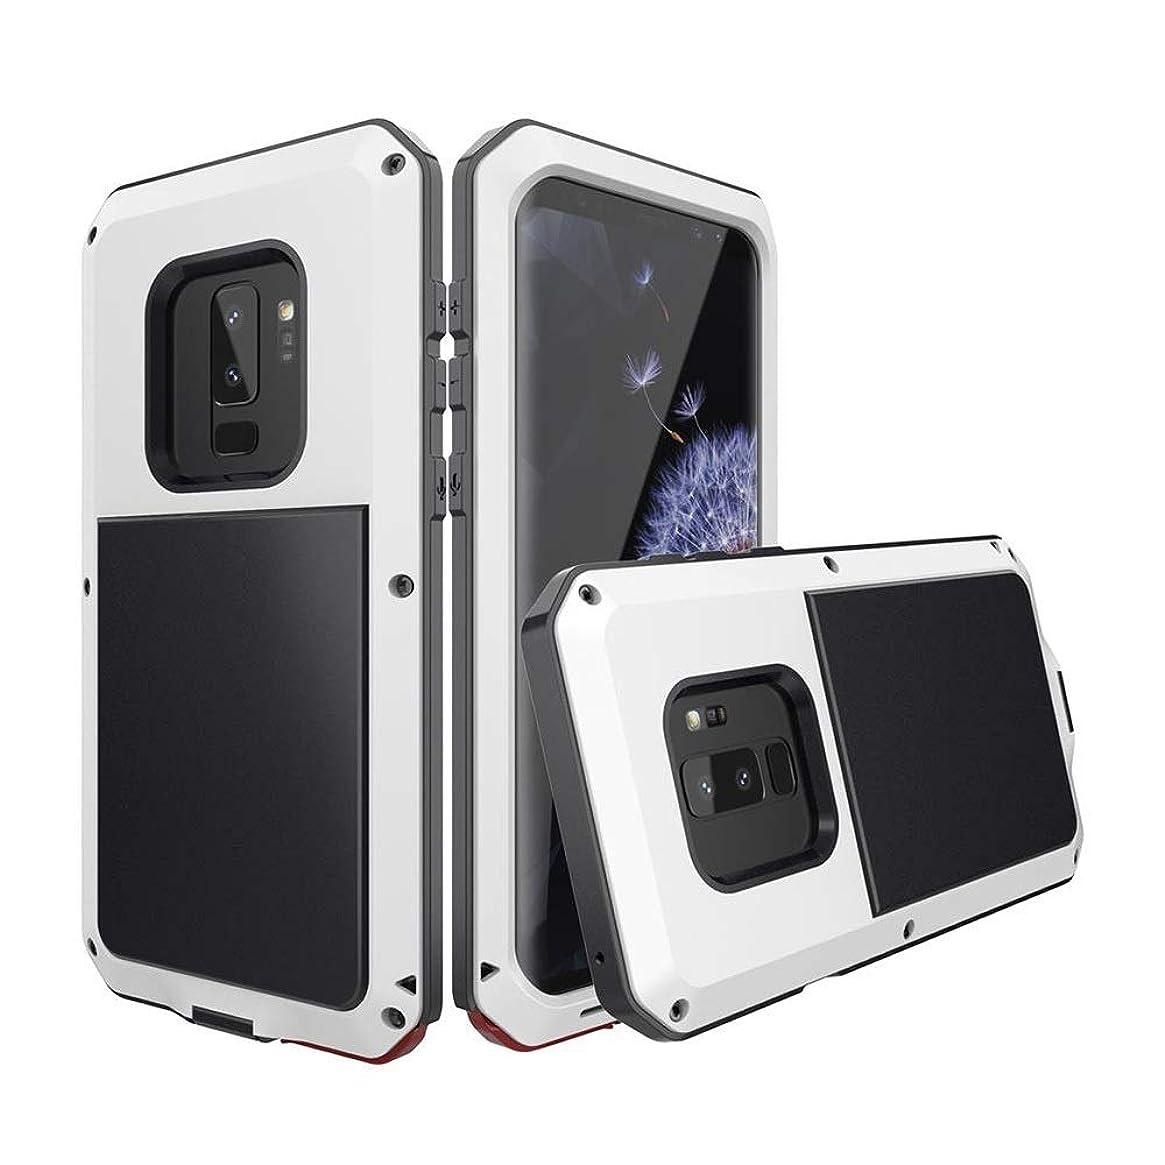 控えるバスケットボール毎日Tonglilili 電話ケース、サムスンS9、S9プラス、S8、S8プラス、S7、S7エッジ、S6、S6エッジ、S5のための3つの抗携帯電話ケース防水アンチドロップ金属保護カバー電話ケース (Color : Silver, Edition : S9 Plus)